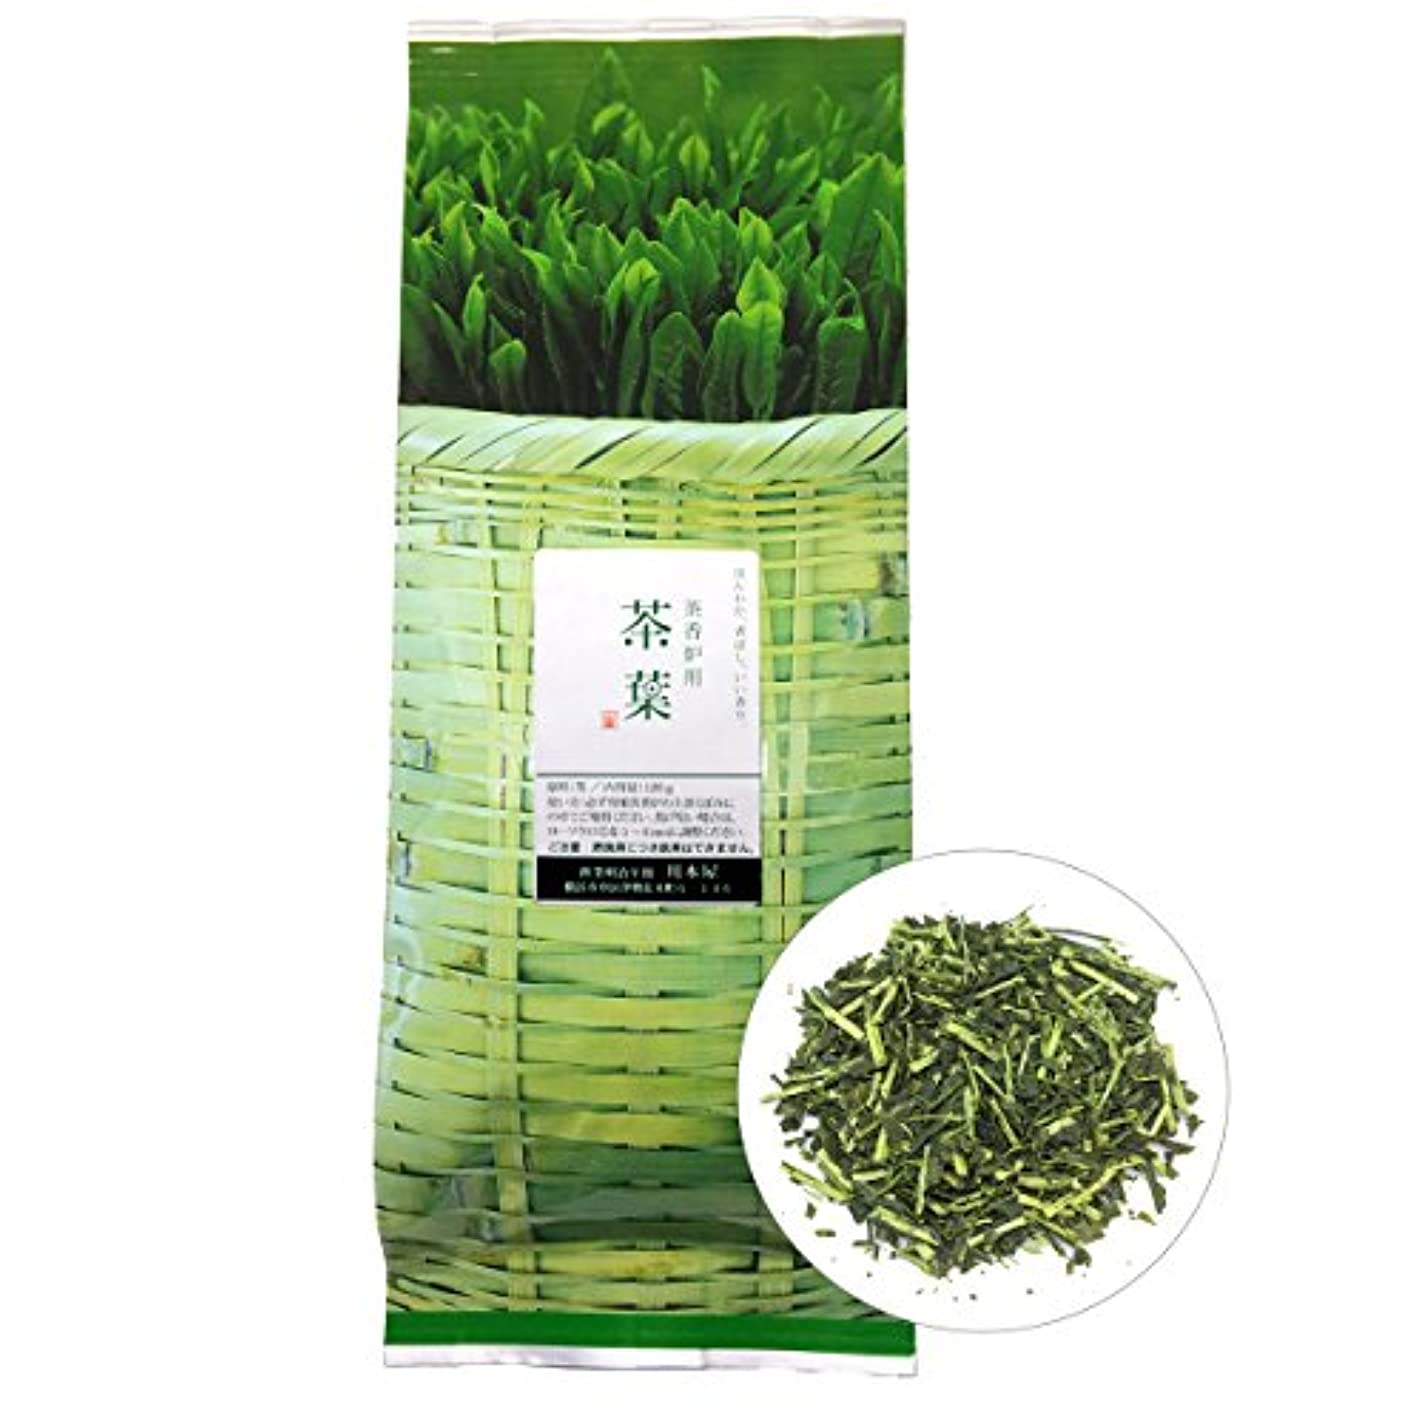 表示リーダーシップマーティンルーサーキングジュニア国産 茶香炉専用 茶葉110g (1袋) 川本屋茶舗